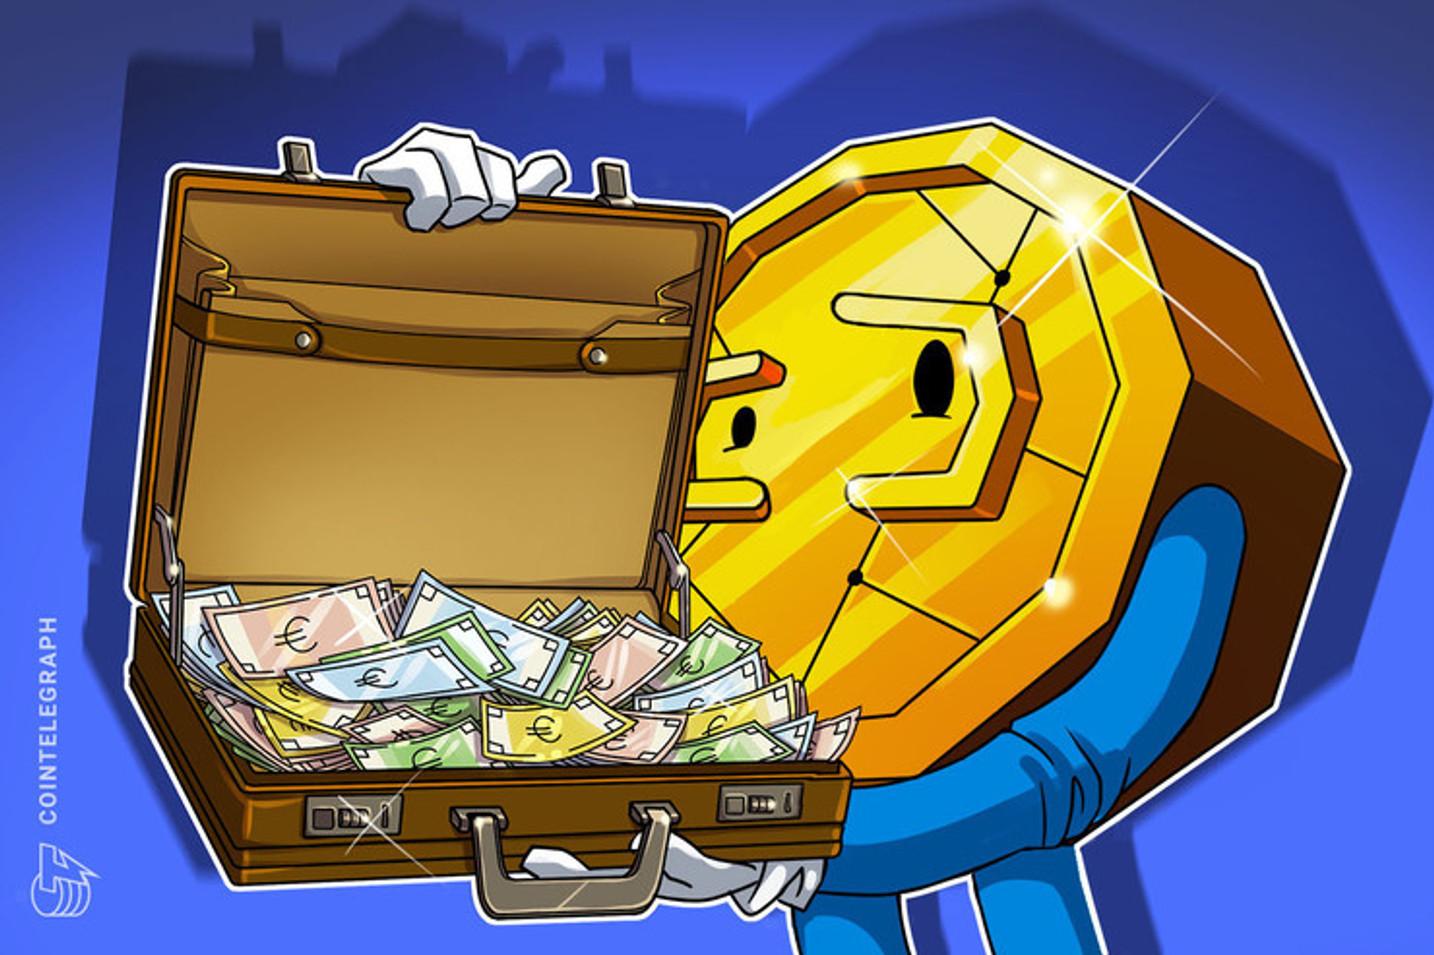 Criptan cierra una ronda de financiación de 500,000 euros